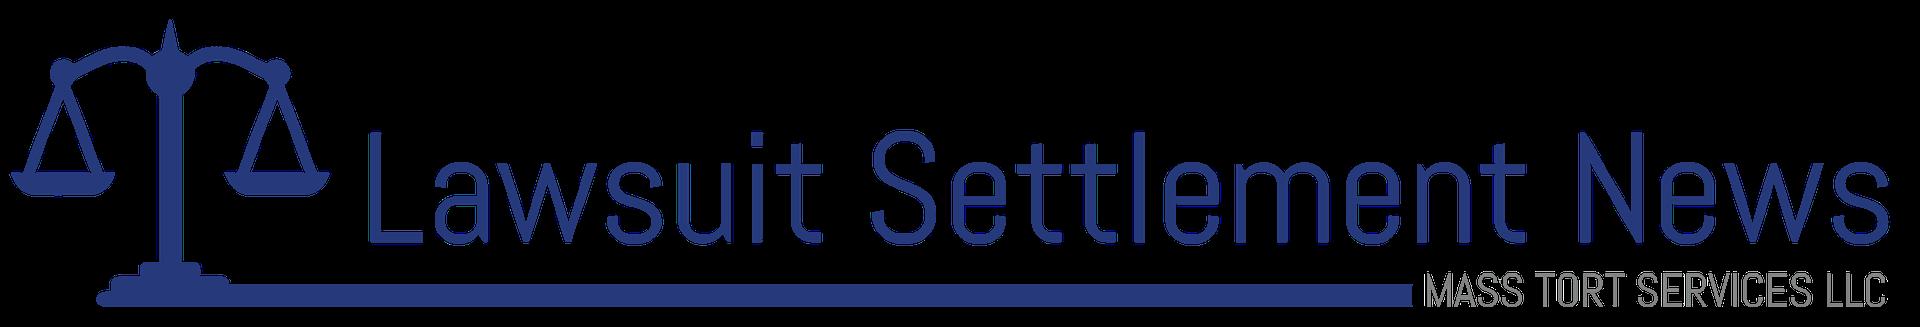 Lawsuit Settlement News